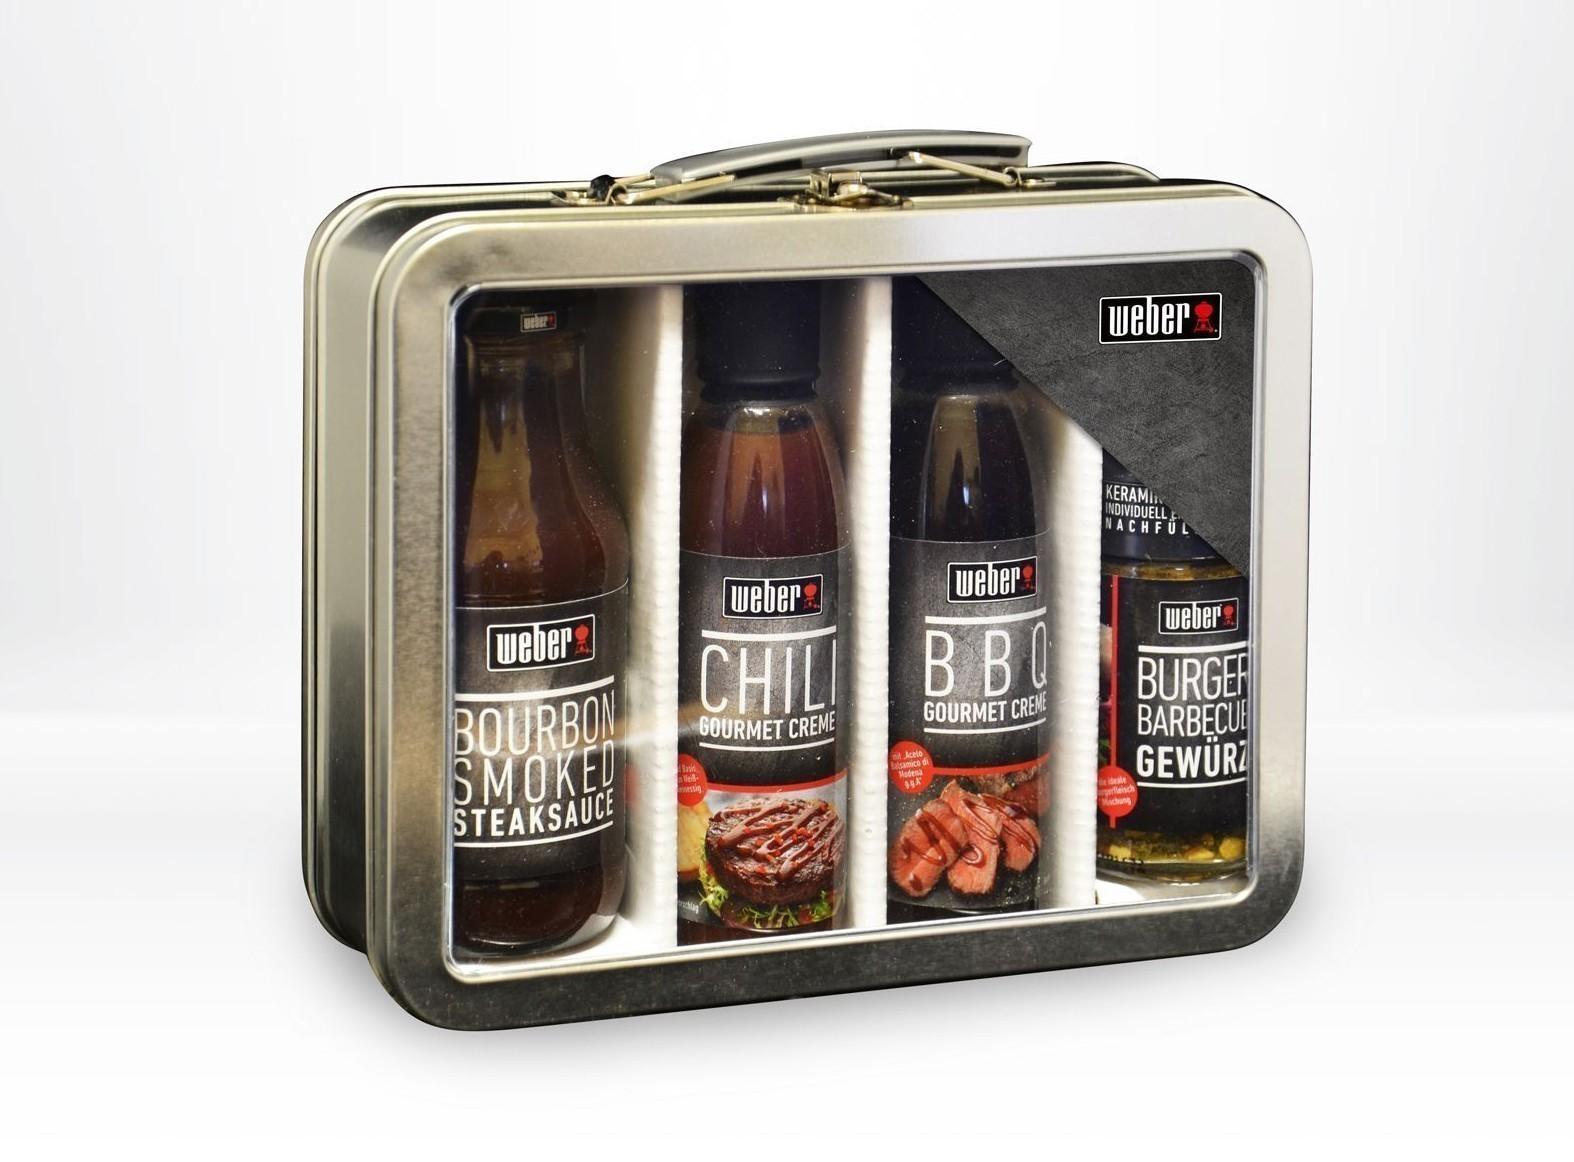 Weber Geschenkkoffer BBQ Gewürz und 3 Grillsaucen Bild 1